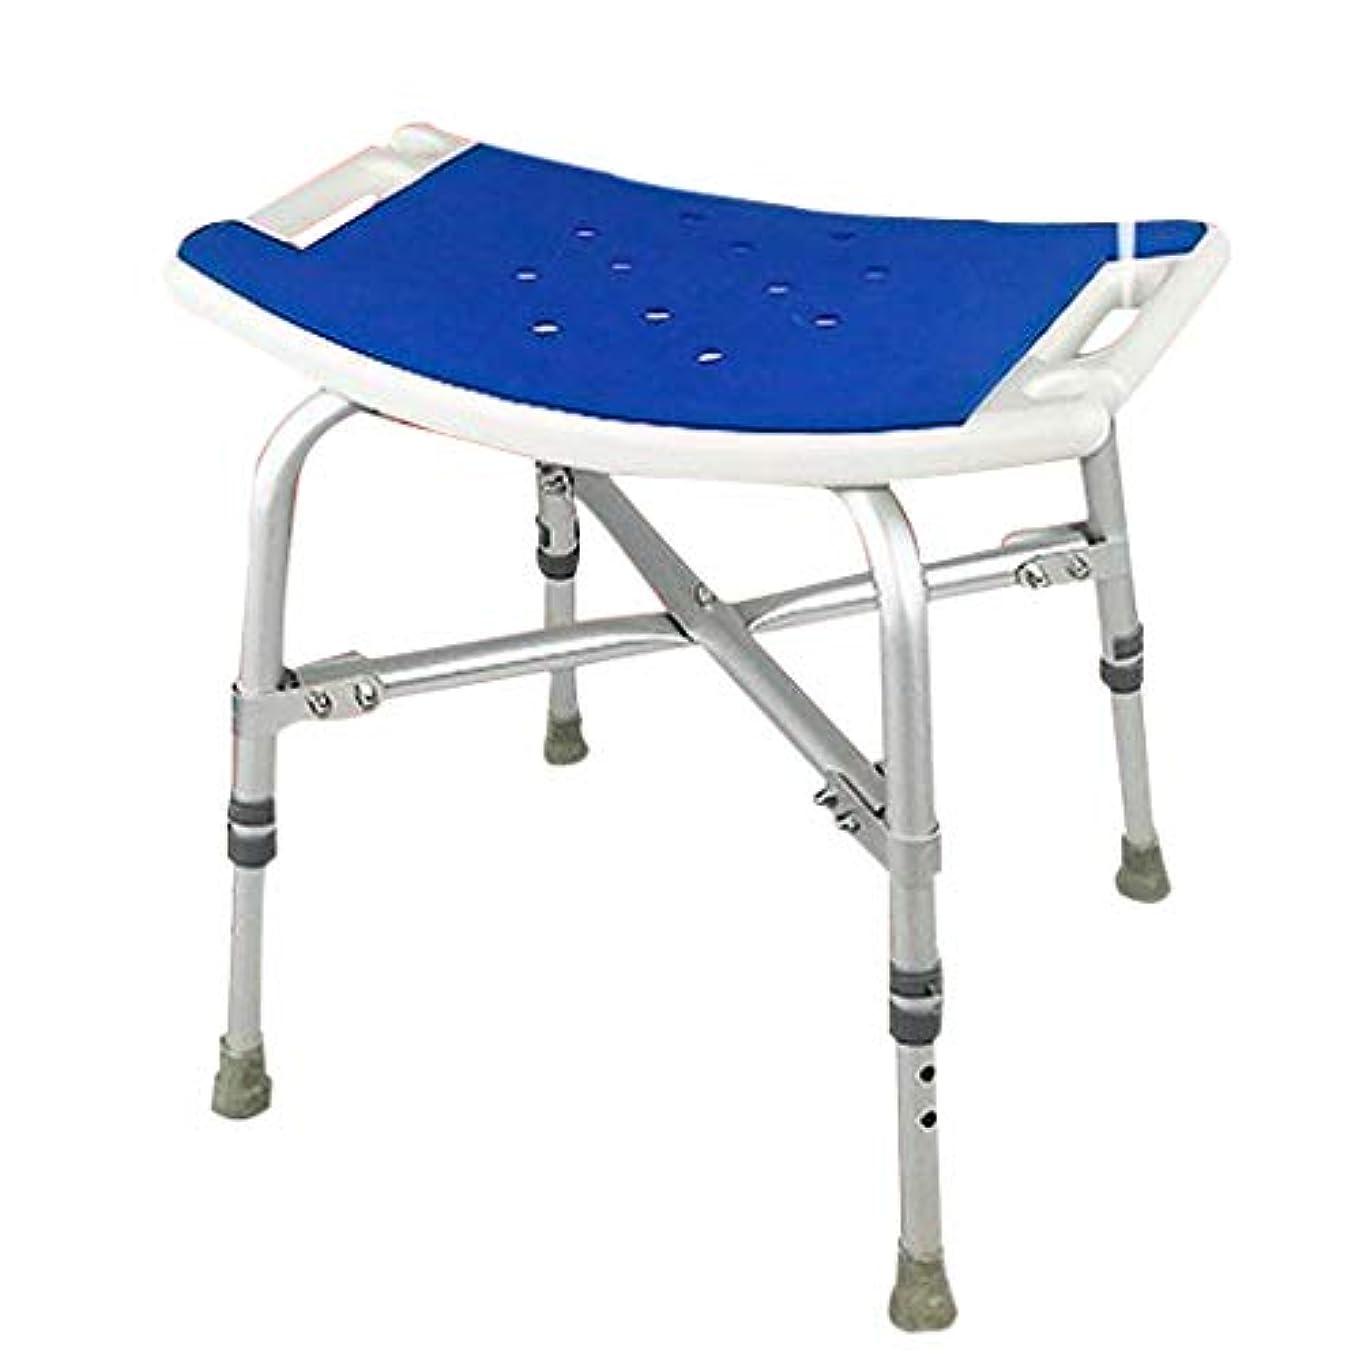 クリークバトル請求高さ調整可能 バス/シャワースツール ハンディキャップシャワーシート 障害者支援 人間工学に基づいた バスタブリフトチェア パディング付き 高齢者、障害者、成人向け ヘビーデューティ